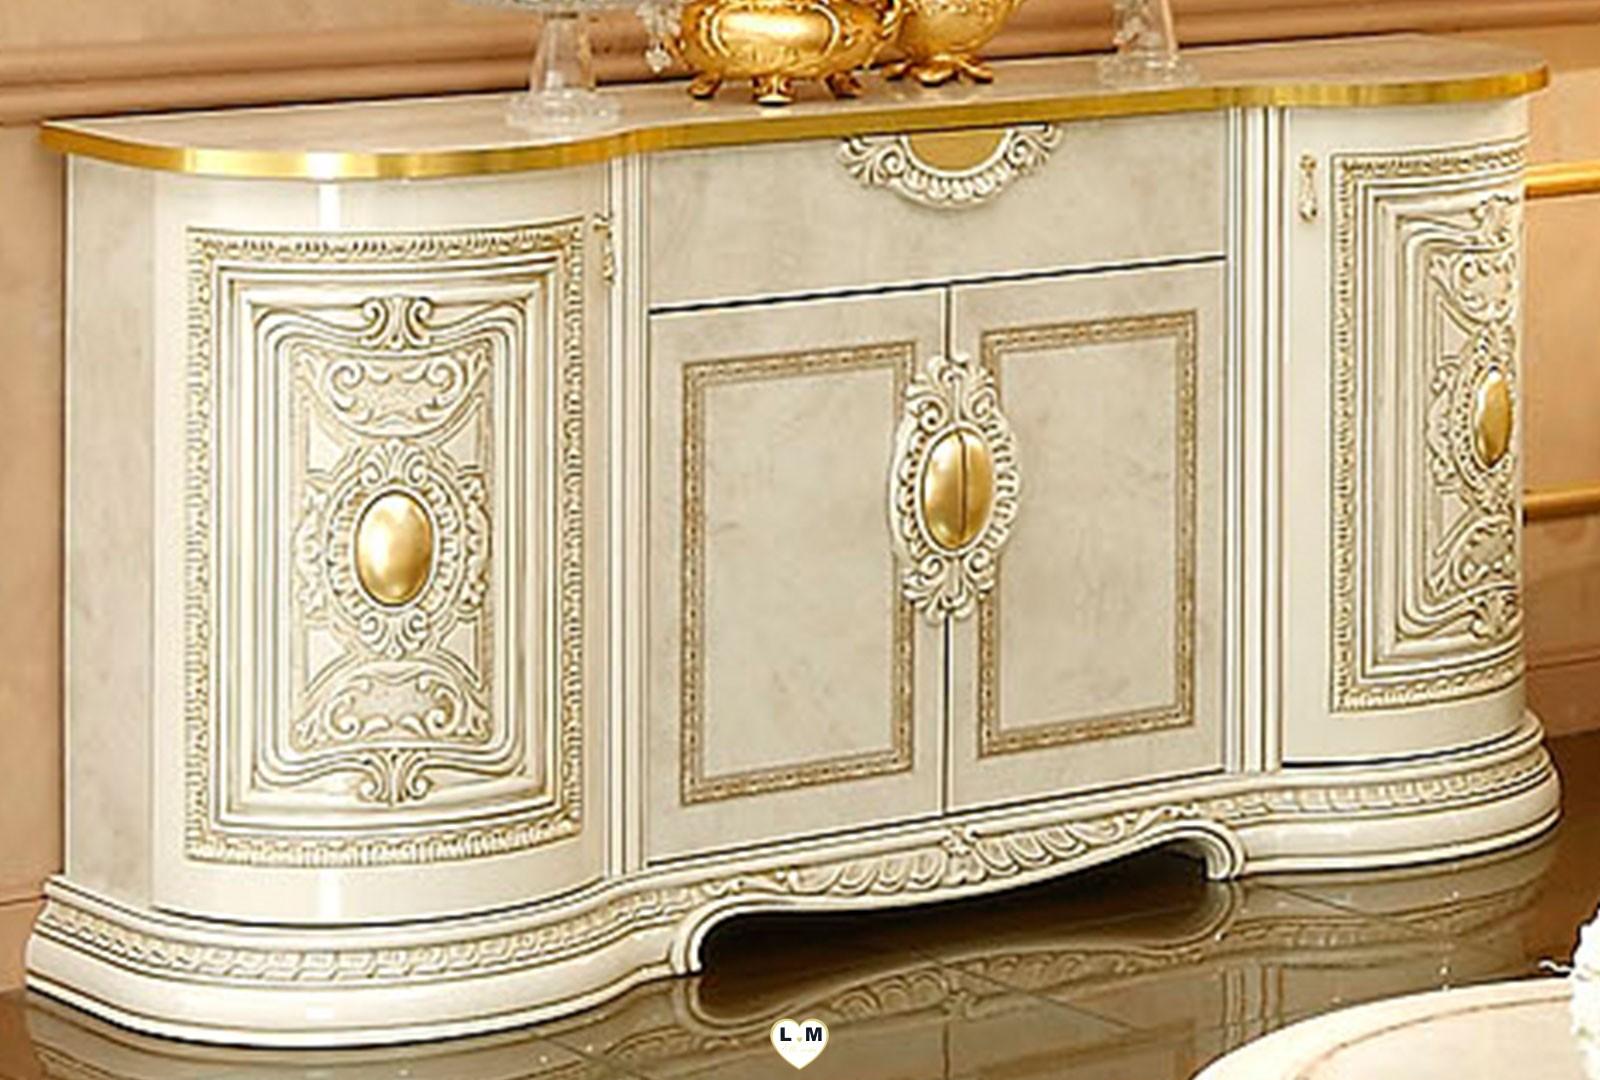 Claudius laque ivoire et dore sejour salle a manger baroque l 39 ensemble avec le living 4 - Salle a manger baroque ...